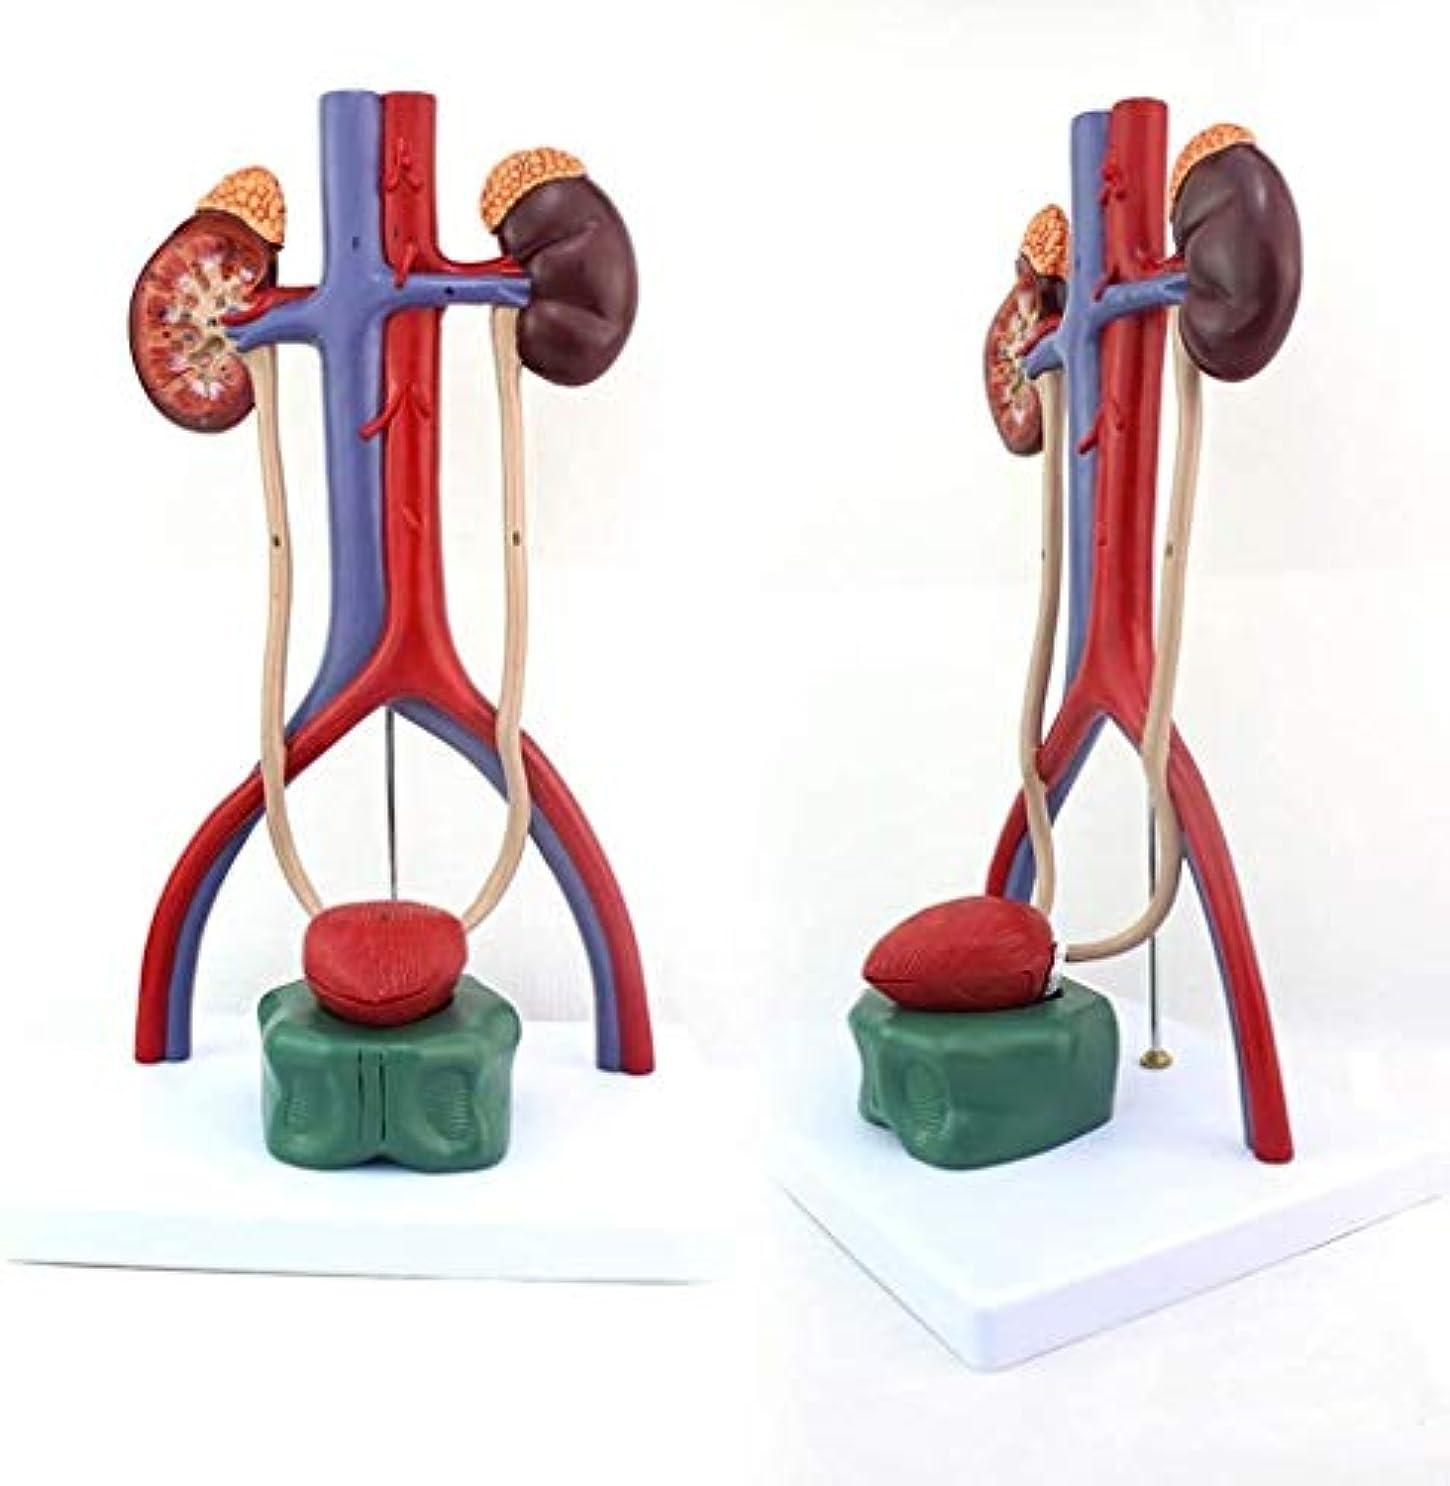 チューリップ自然公園吐く泌尿器系のステレオ人体モデル、人間医学解剖学的モデル、尿道の尿管膀胱腎臓モデル解剖モデル動静脈